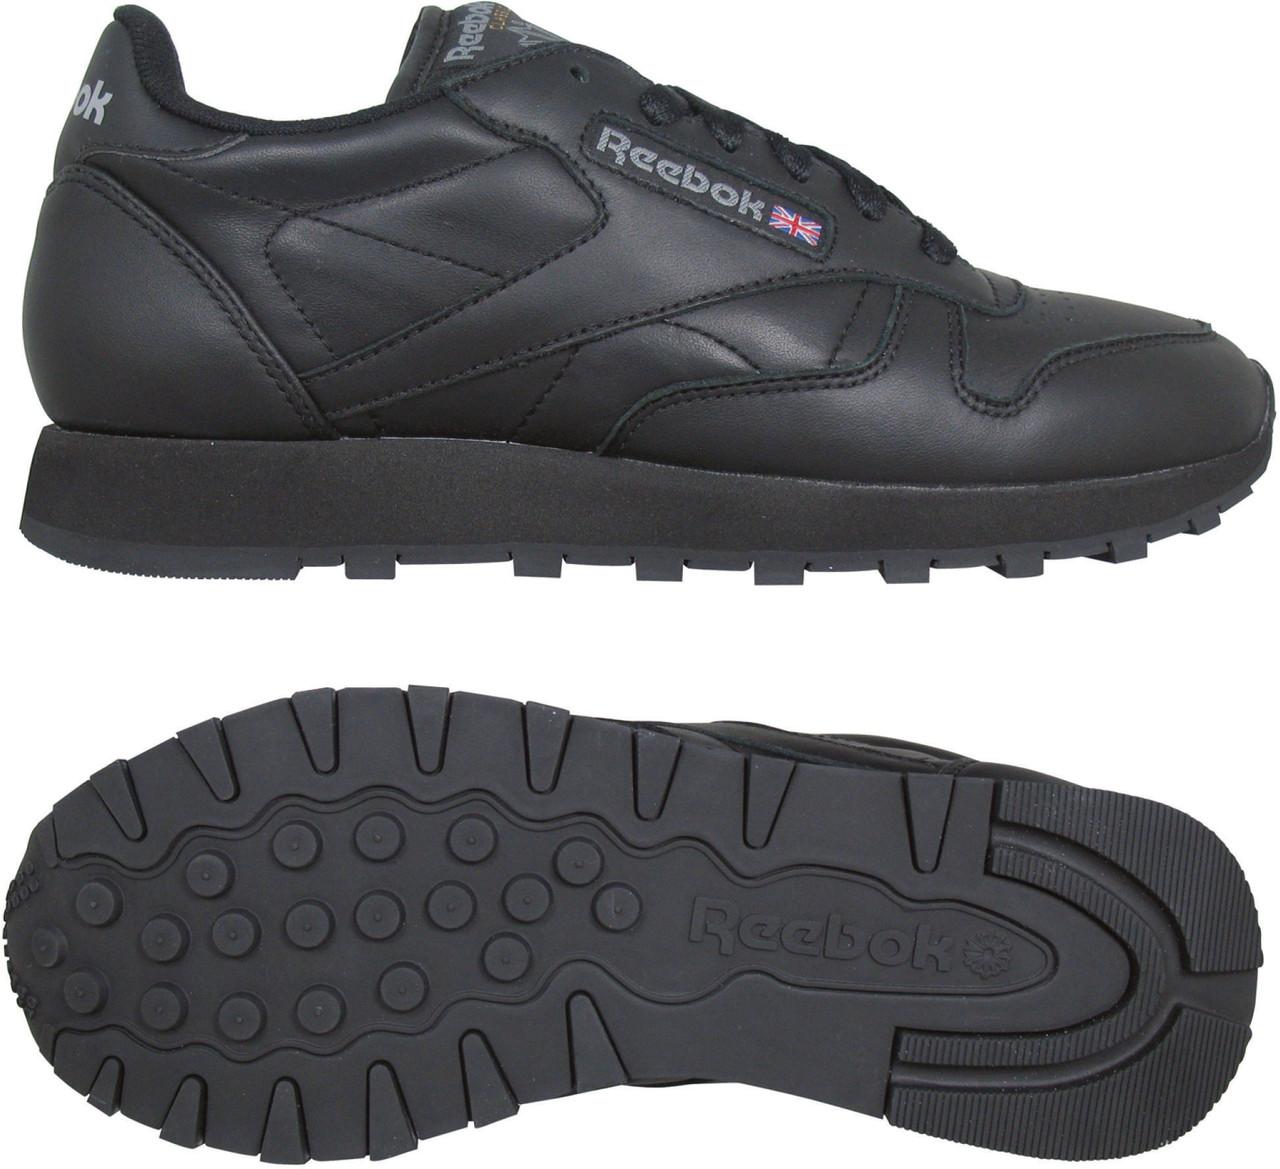 Кроссовки рибок CL leather (3912) черные